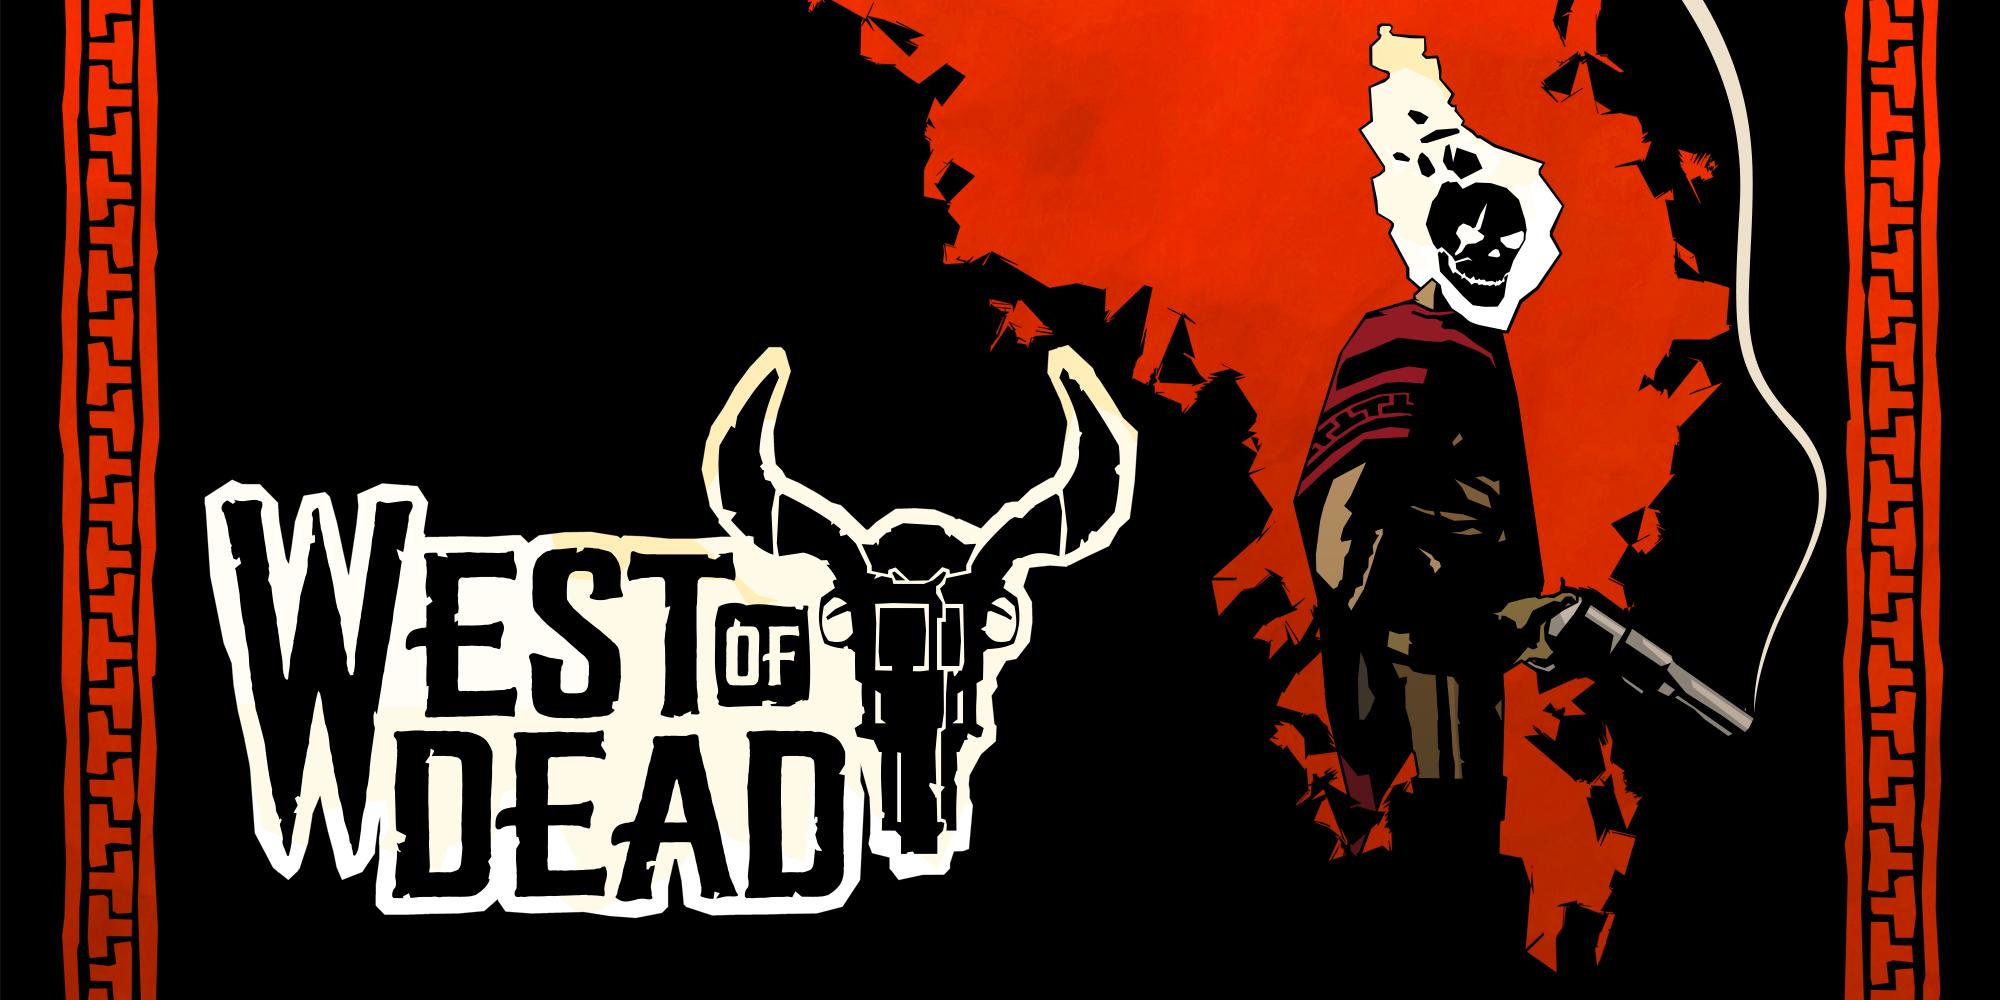 Постер West of Dead